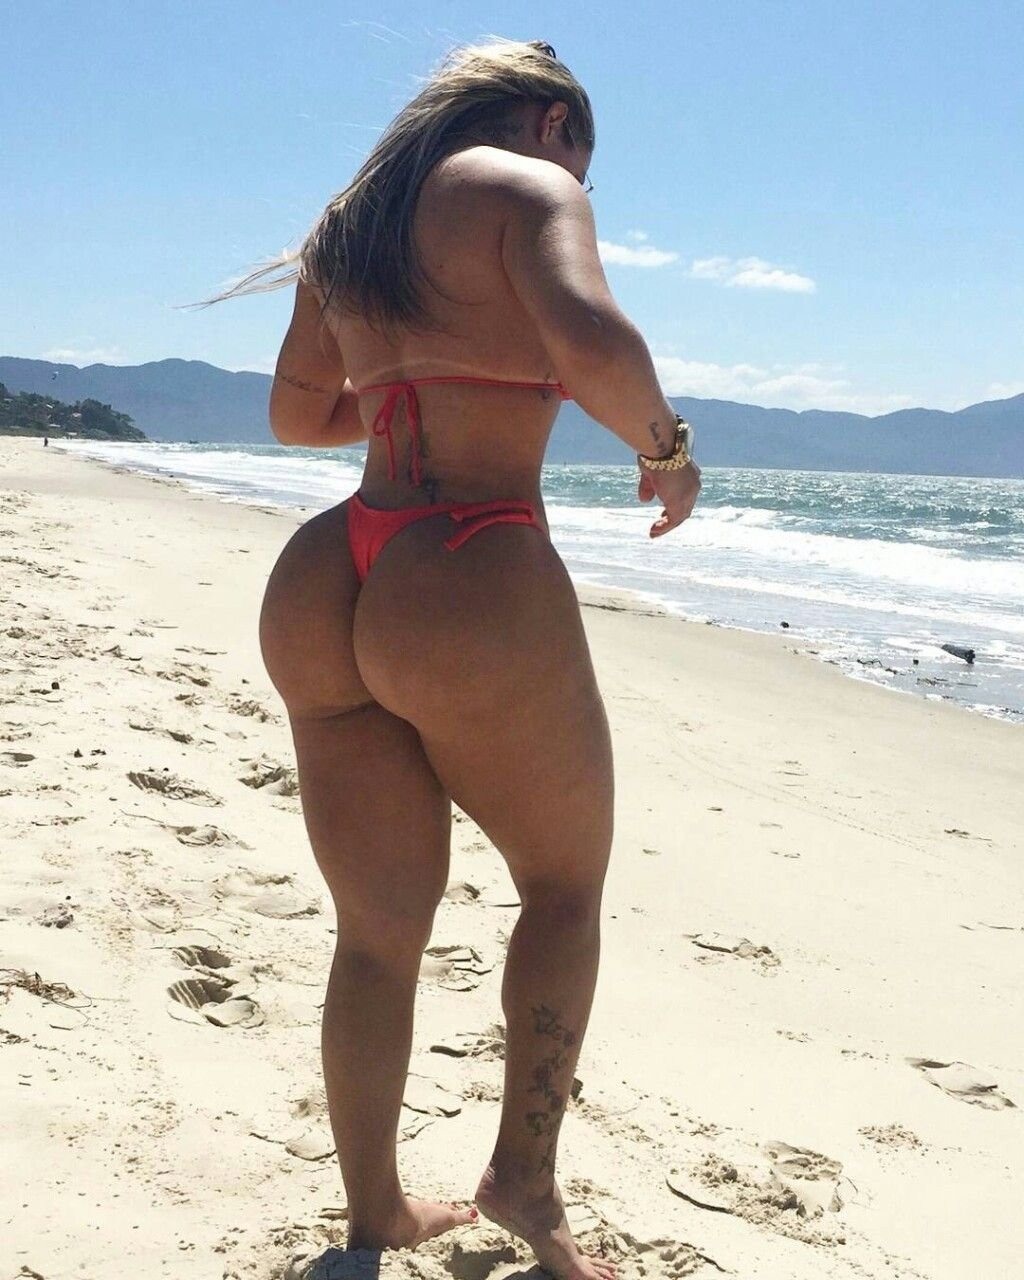 молодых тачек толстушки в купальниках с большими жопами на пляже фото сижу тут подглядываю